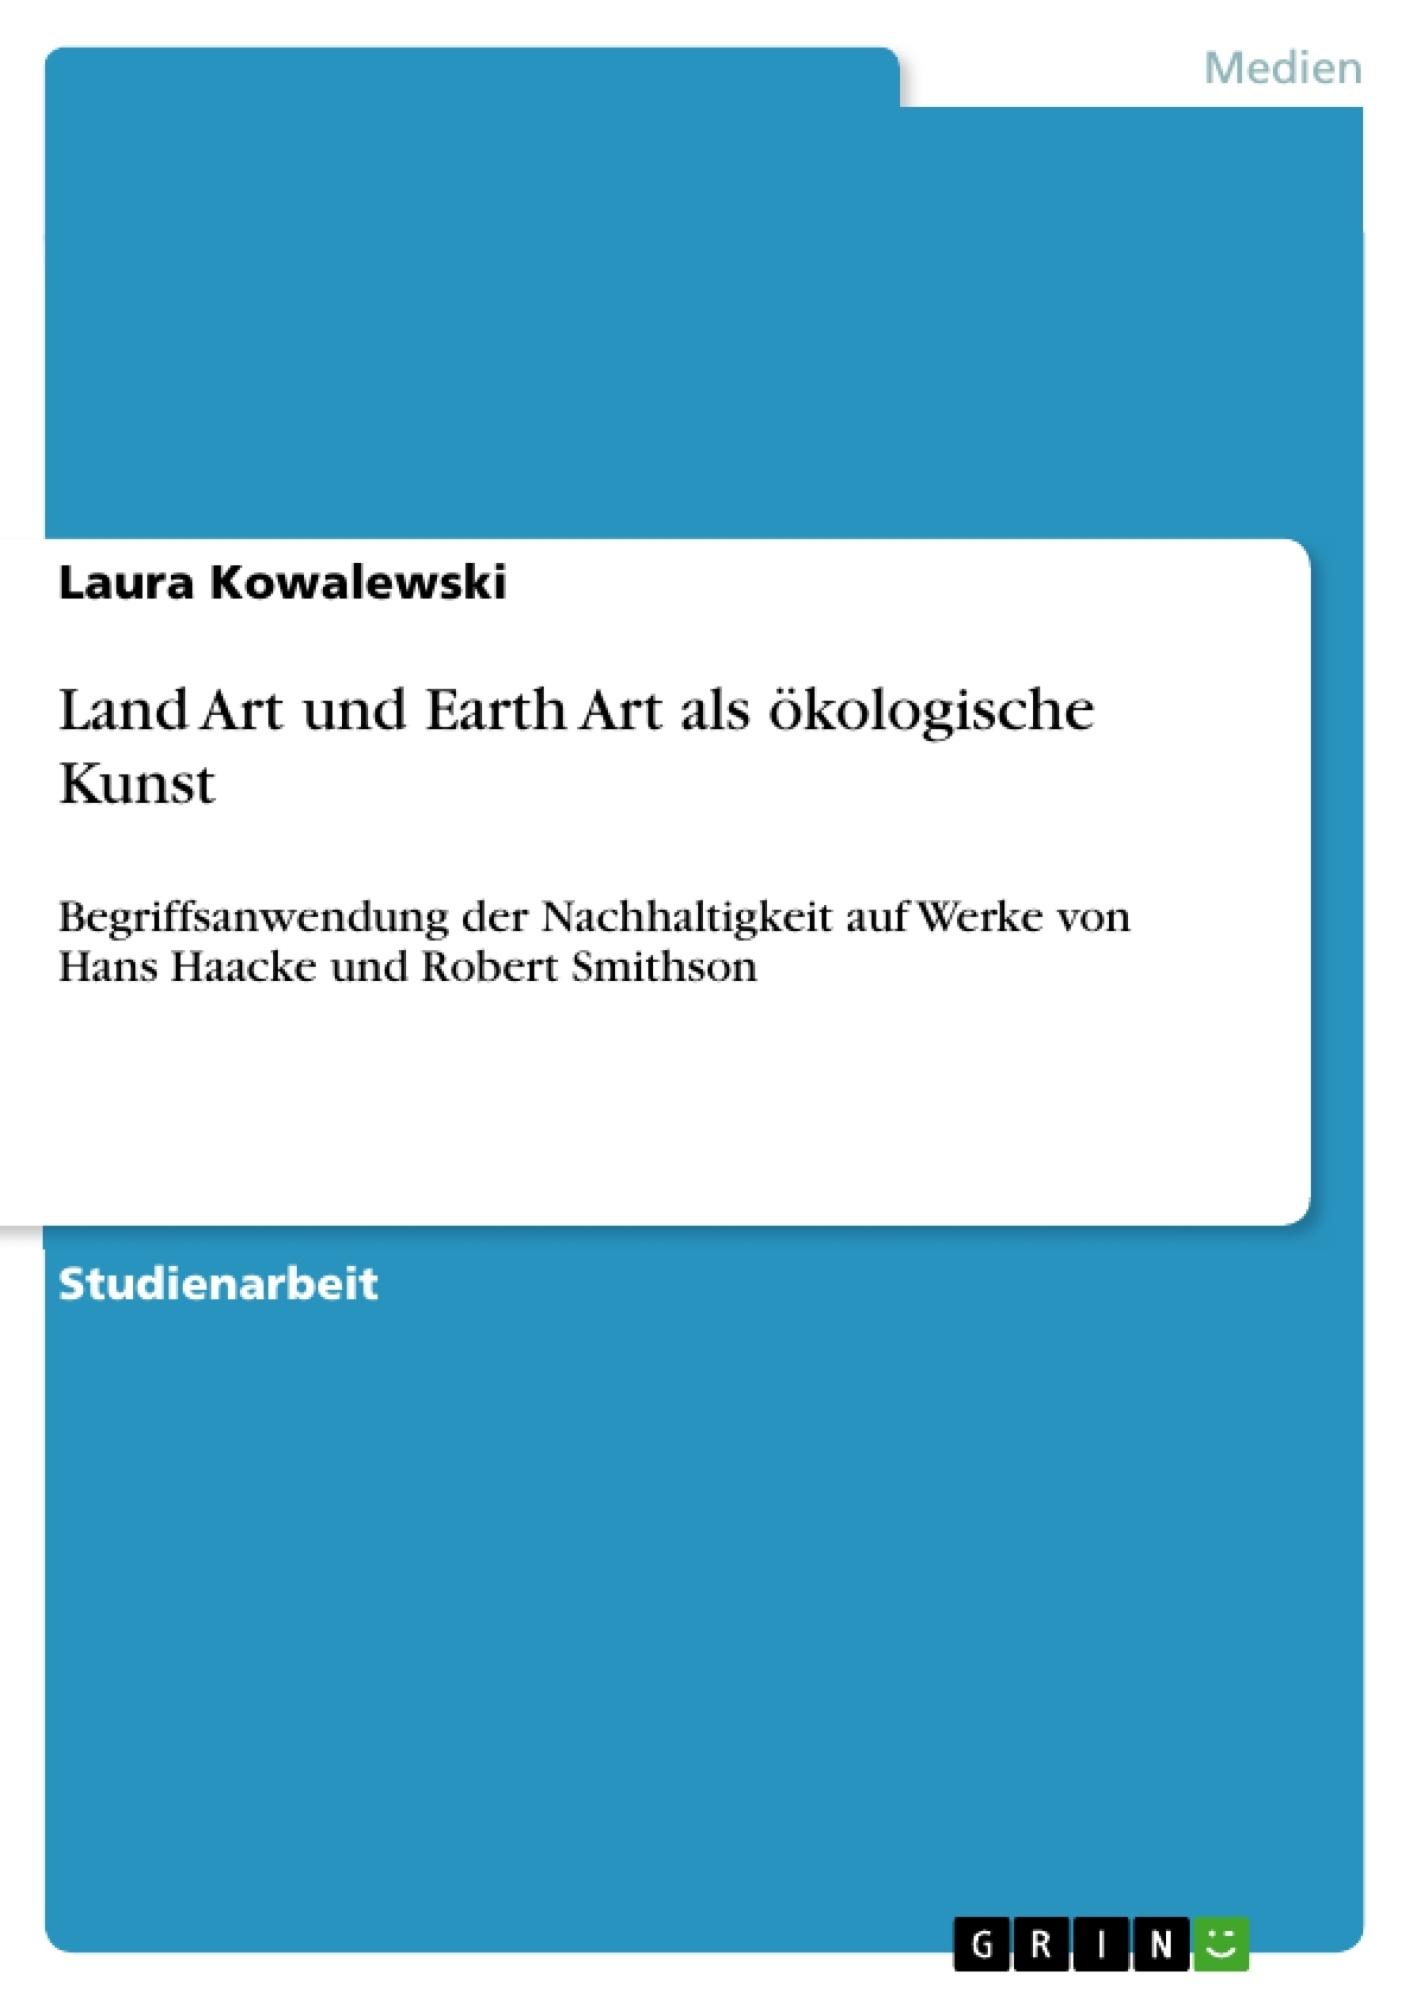 Titel: Land Art und Earth Art als ökologische Kunst